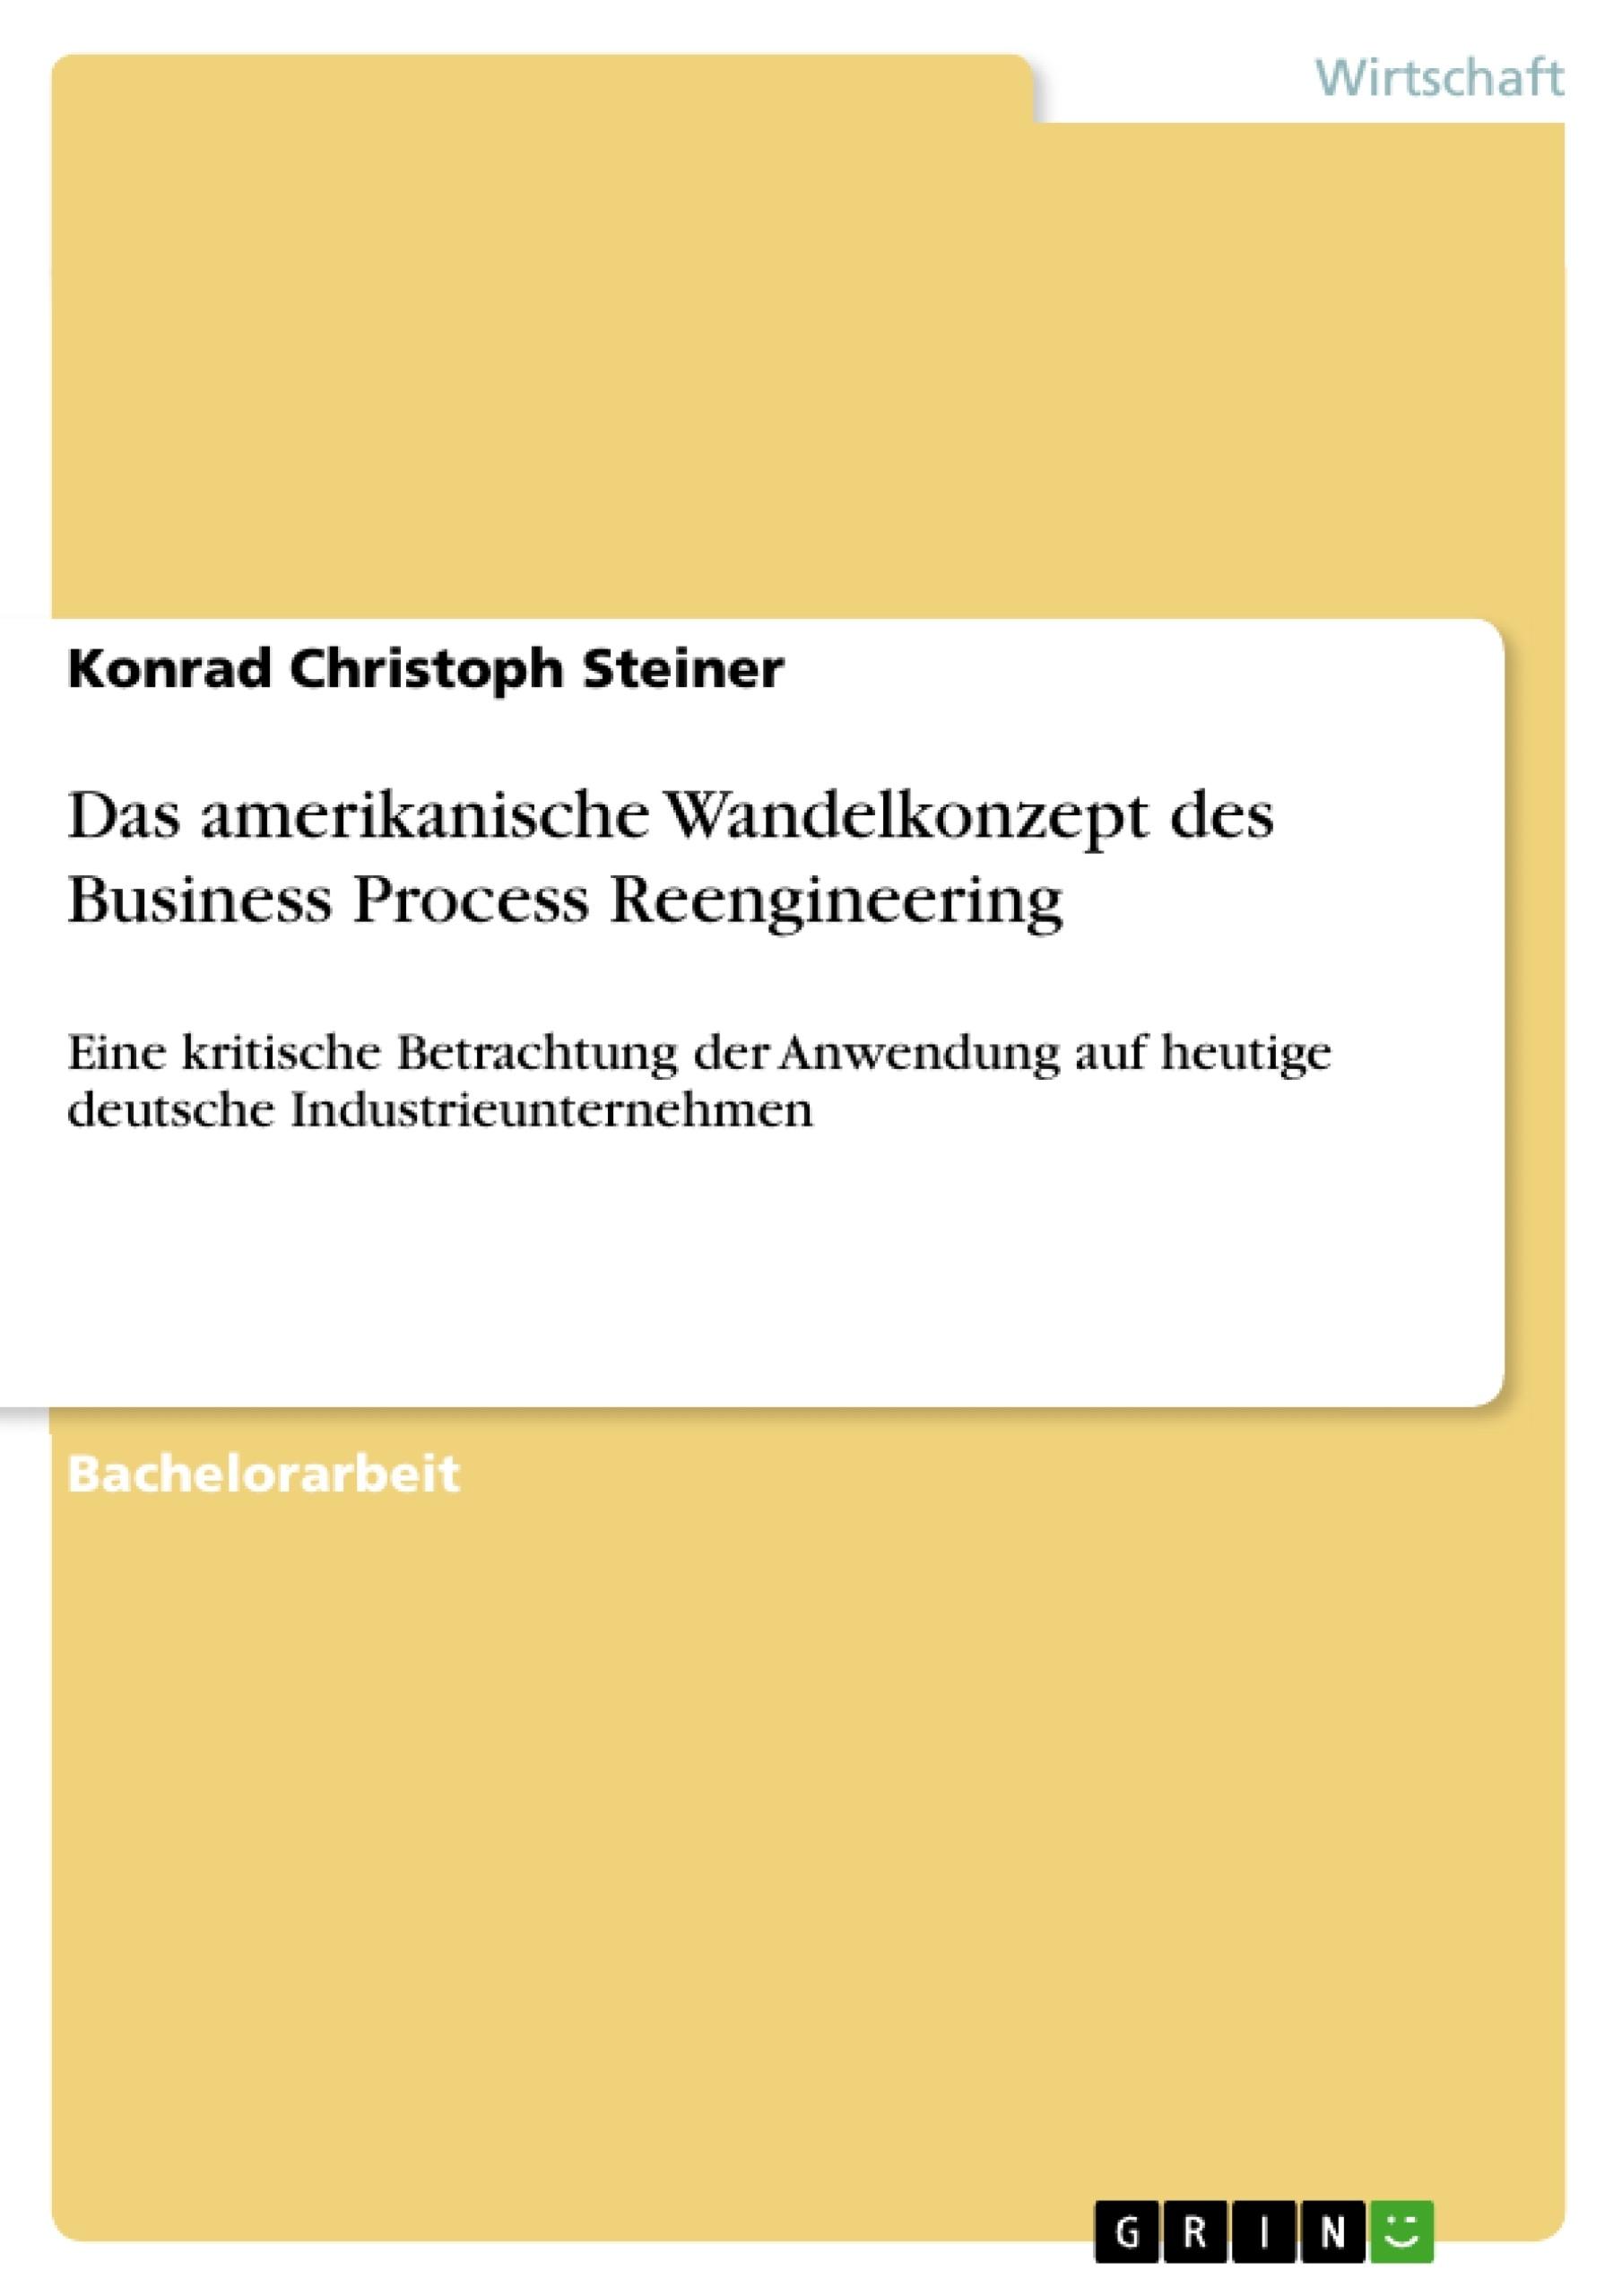 Titel: Das amerikanische Wandelkonzept des Business Process Reengineering